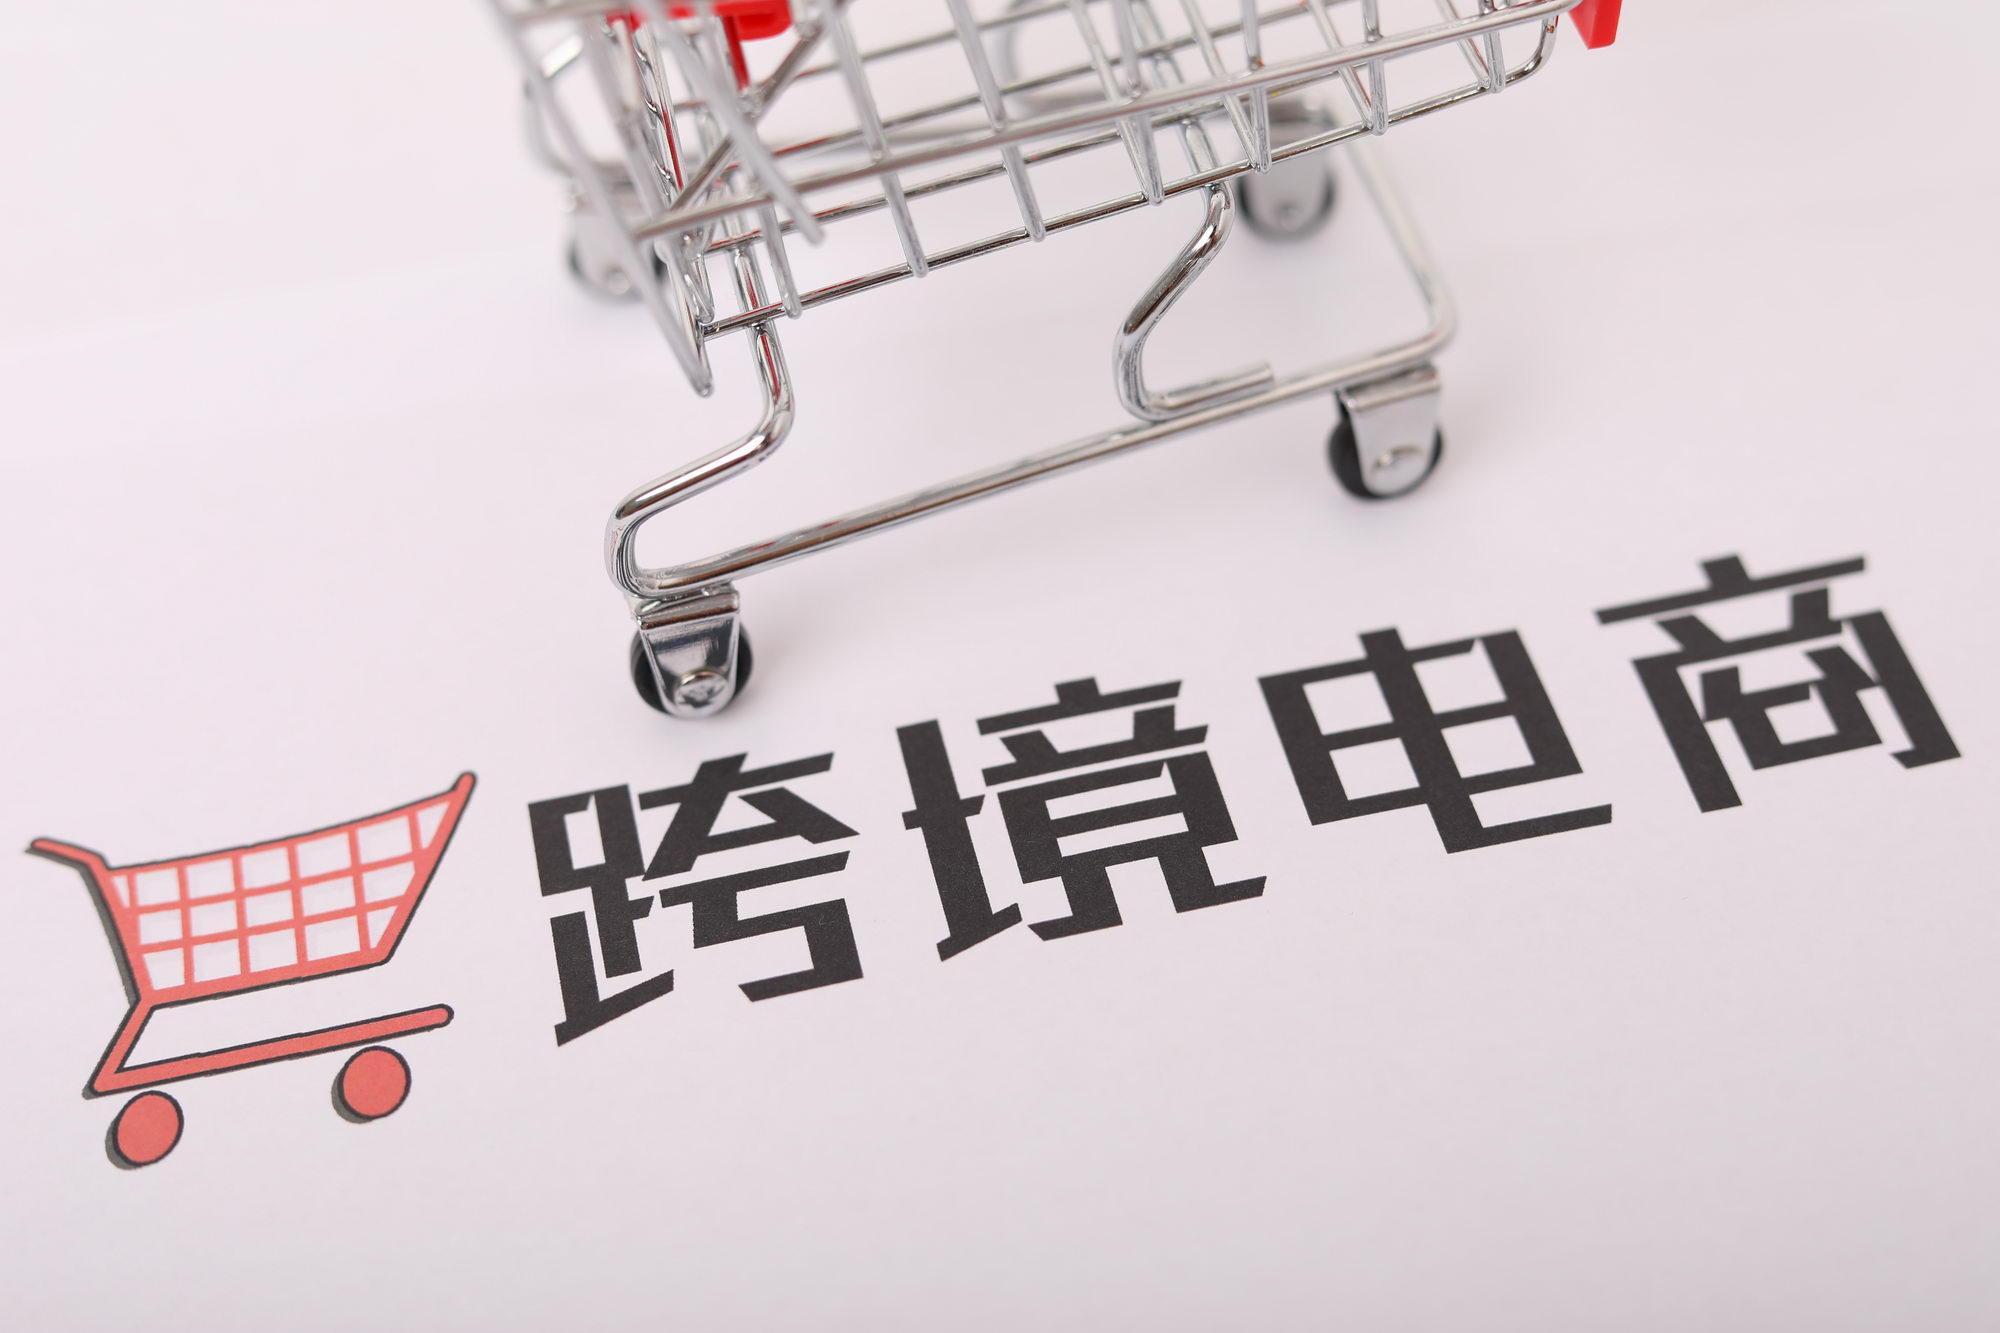 苏州中欧班列首次搭载跨境电商零售商品_跨境电商_电商报